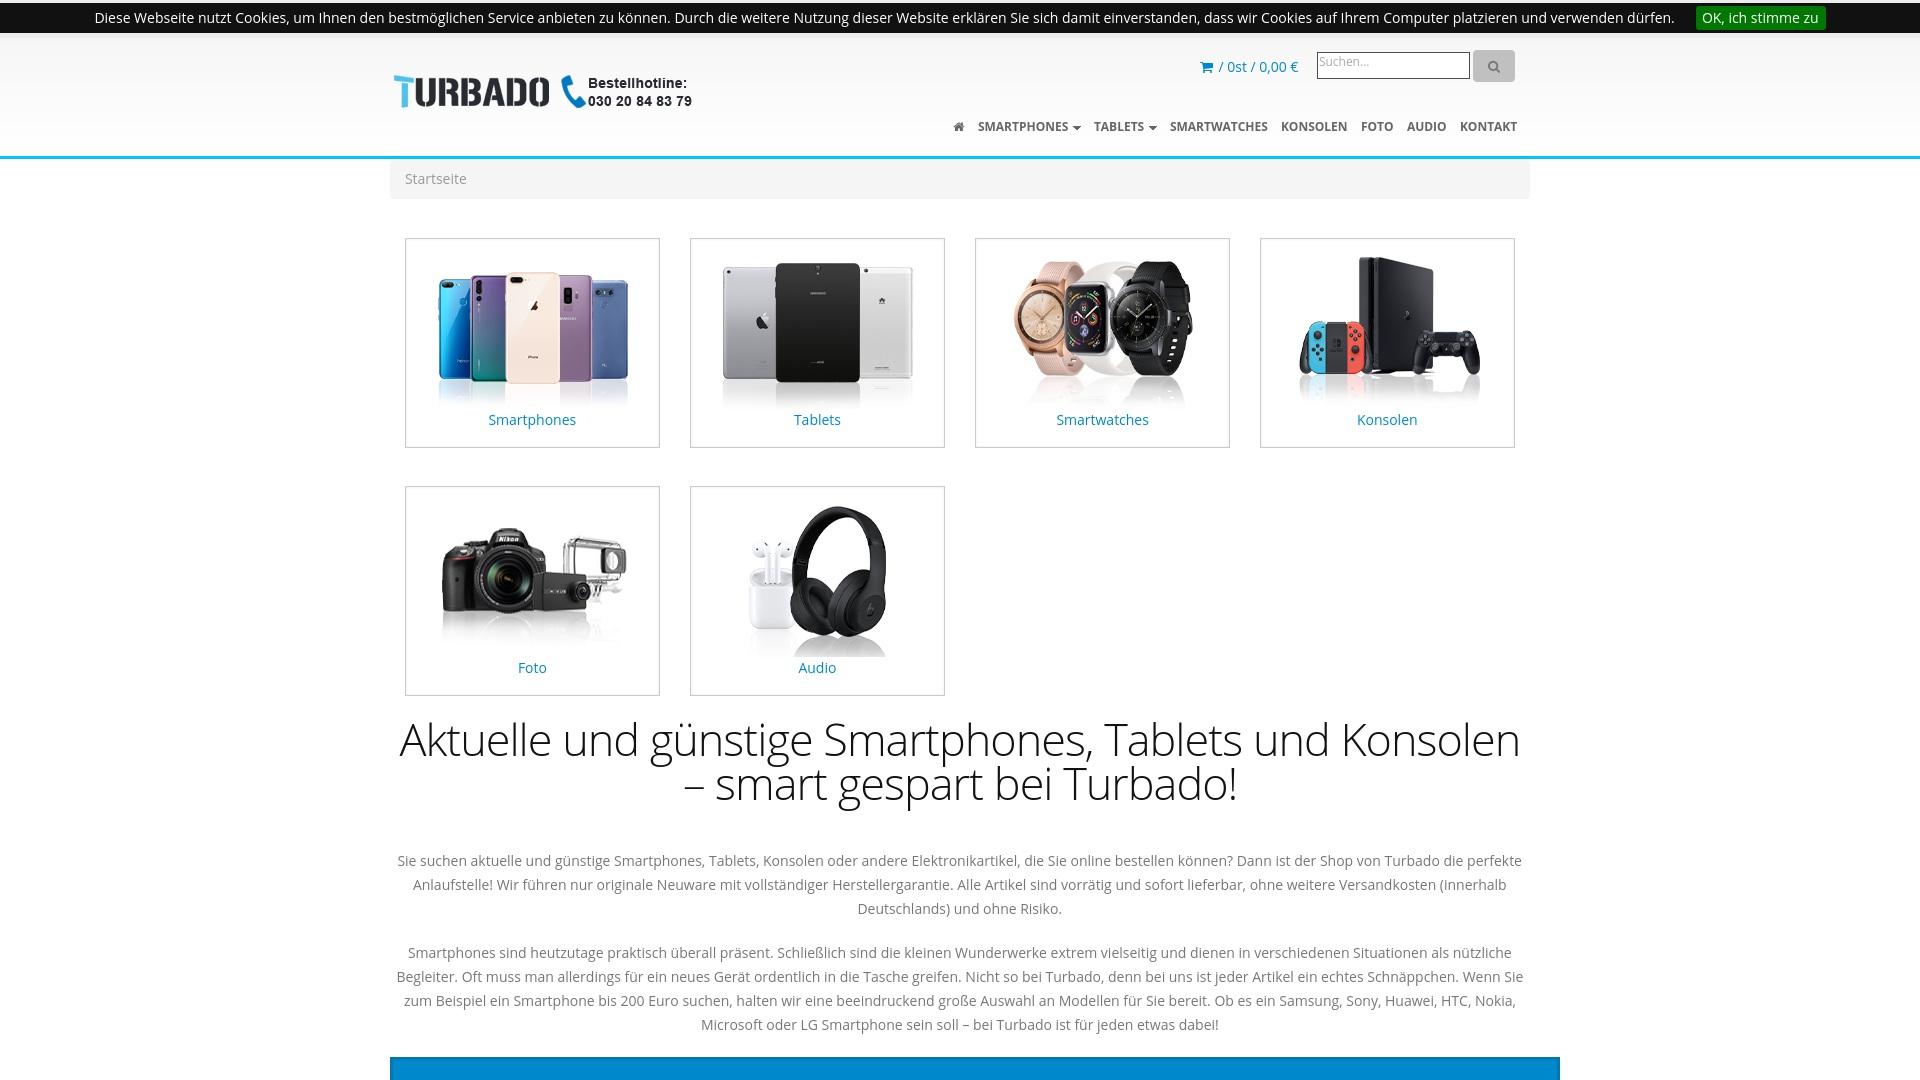 Gutschein für Turbado: Rabatte für  Turbado sichern